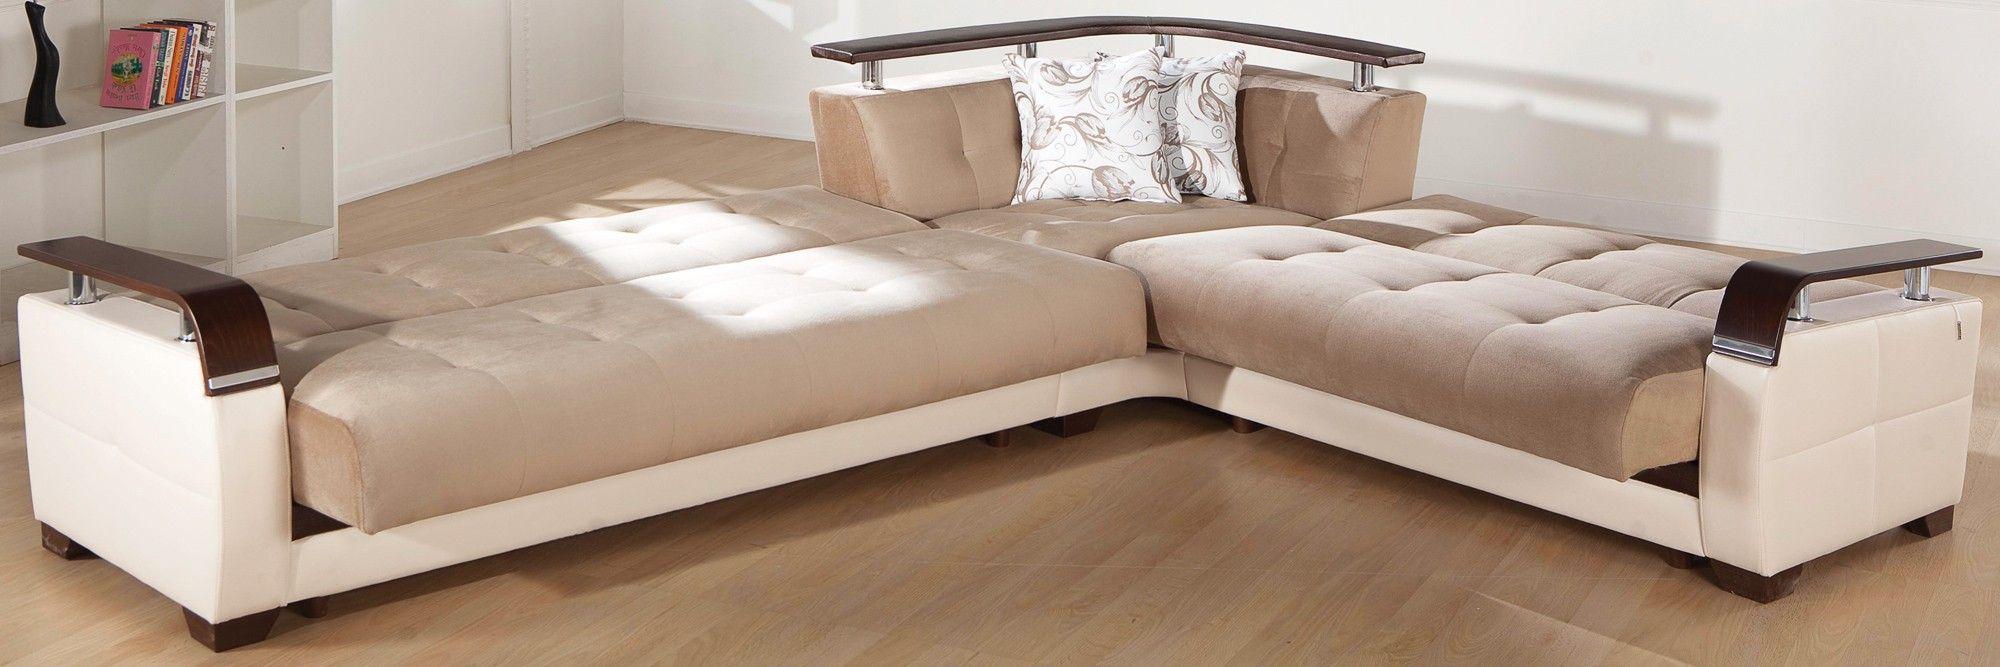 Sectional sofa beds u luxury style comfort and functionality ucall